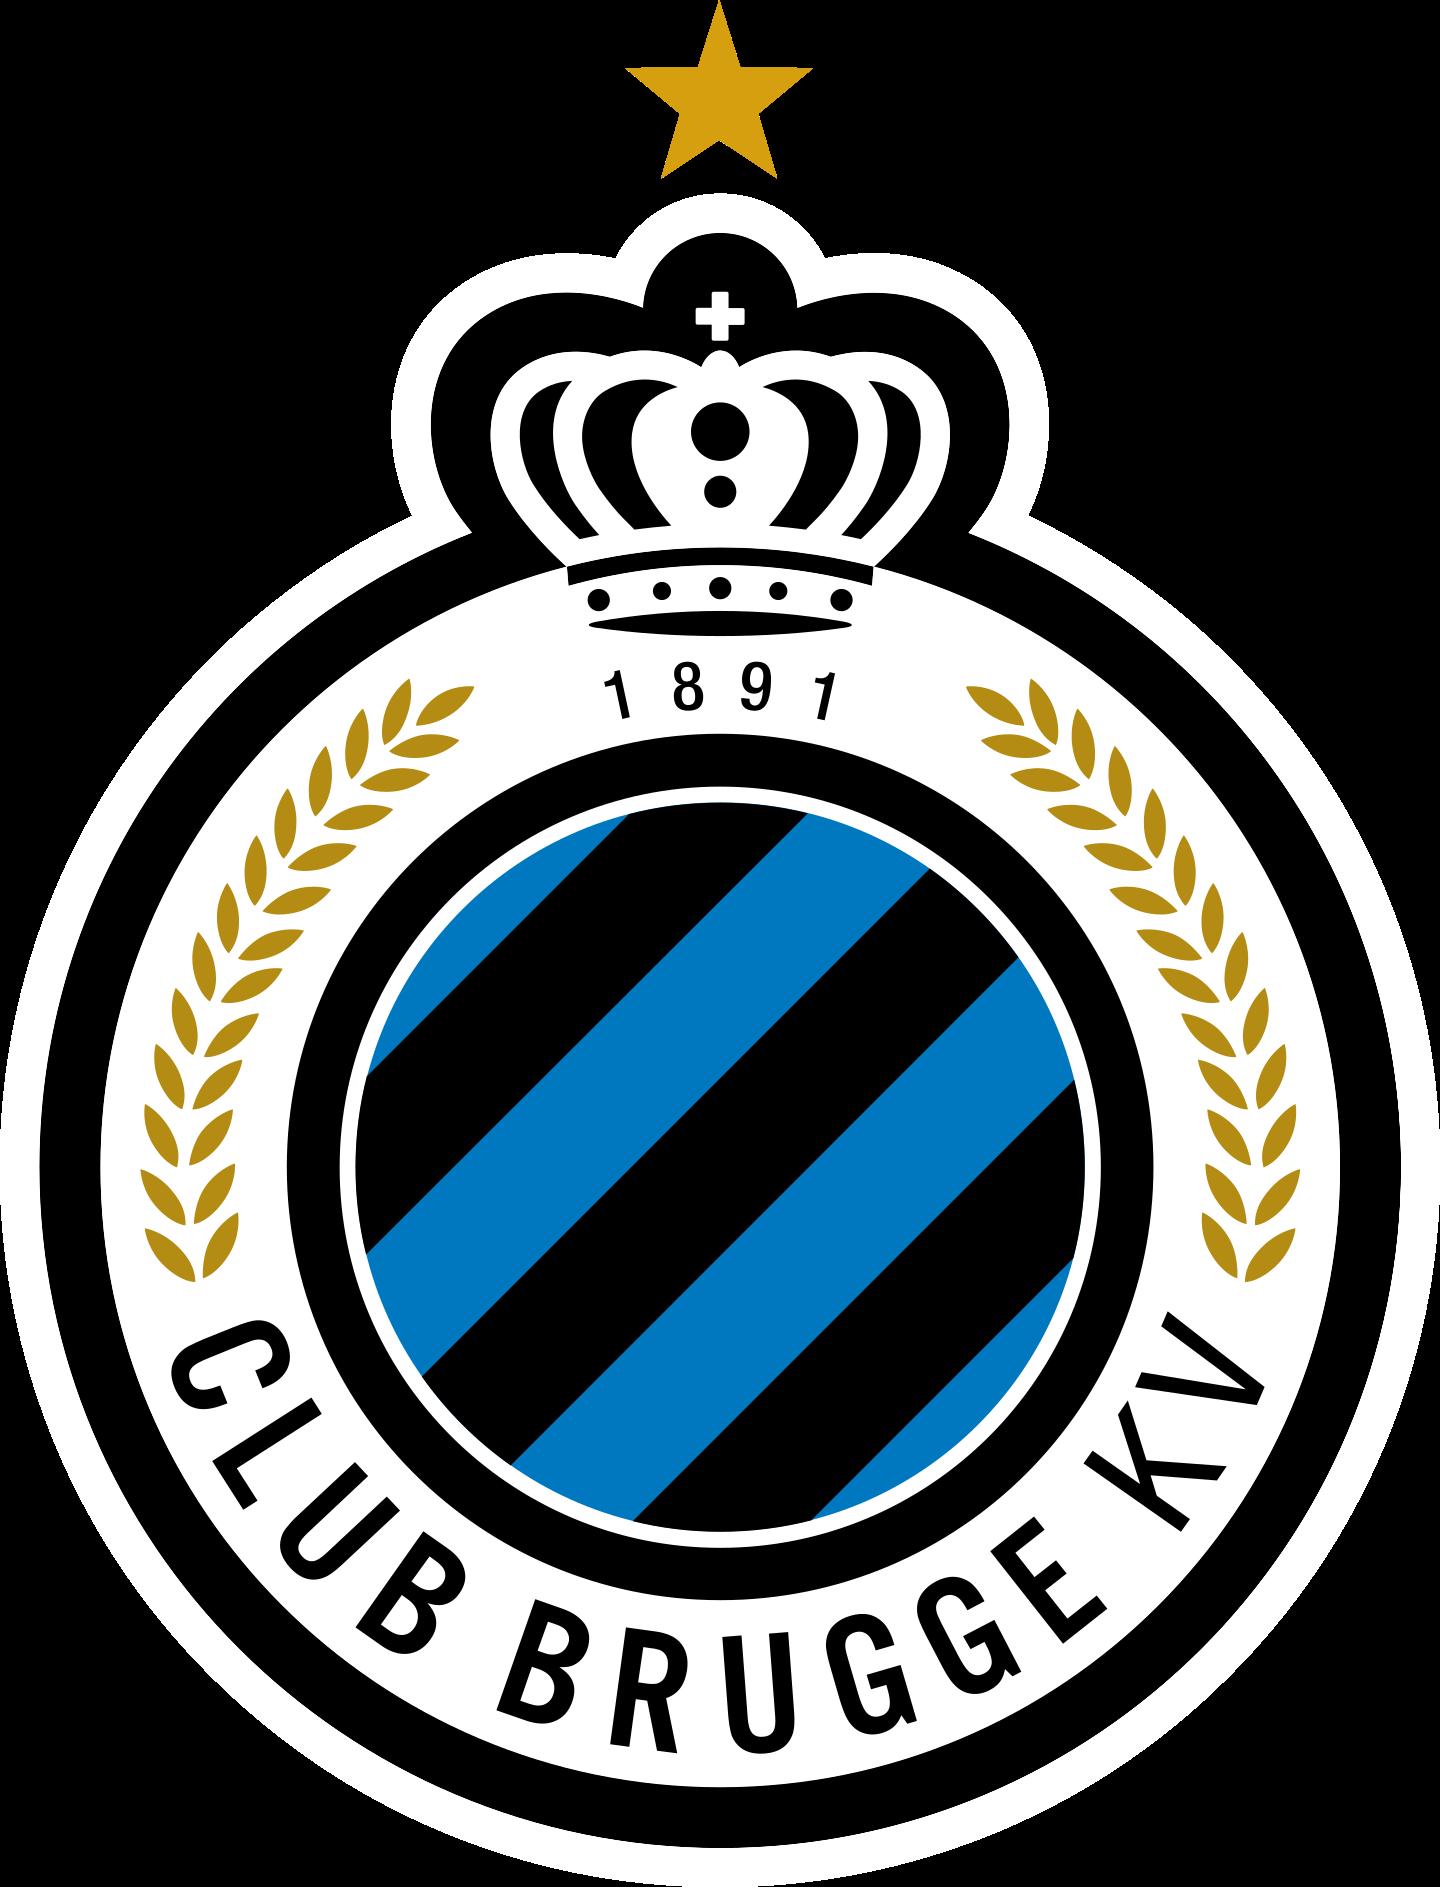 club brugge logo 2 - Club Bruges KV Logo